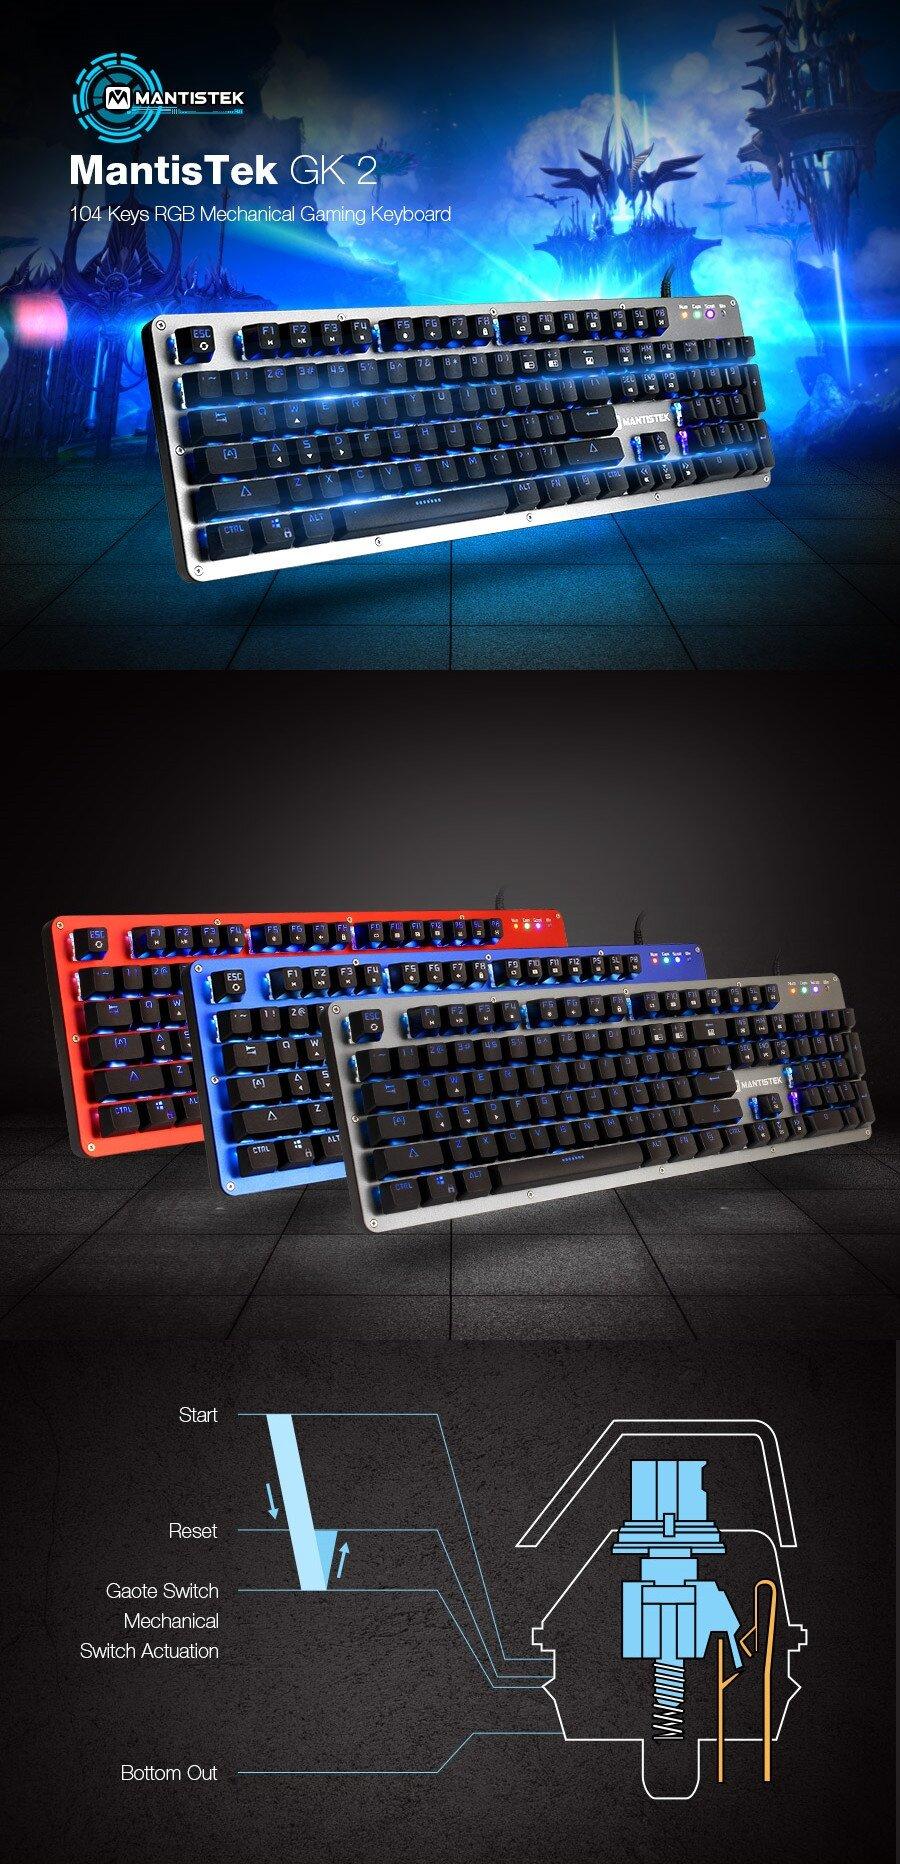 b7df0beb46c Mantistek® GK2 support custom setting for the keys,backlight and macros